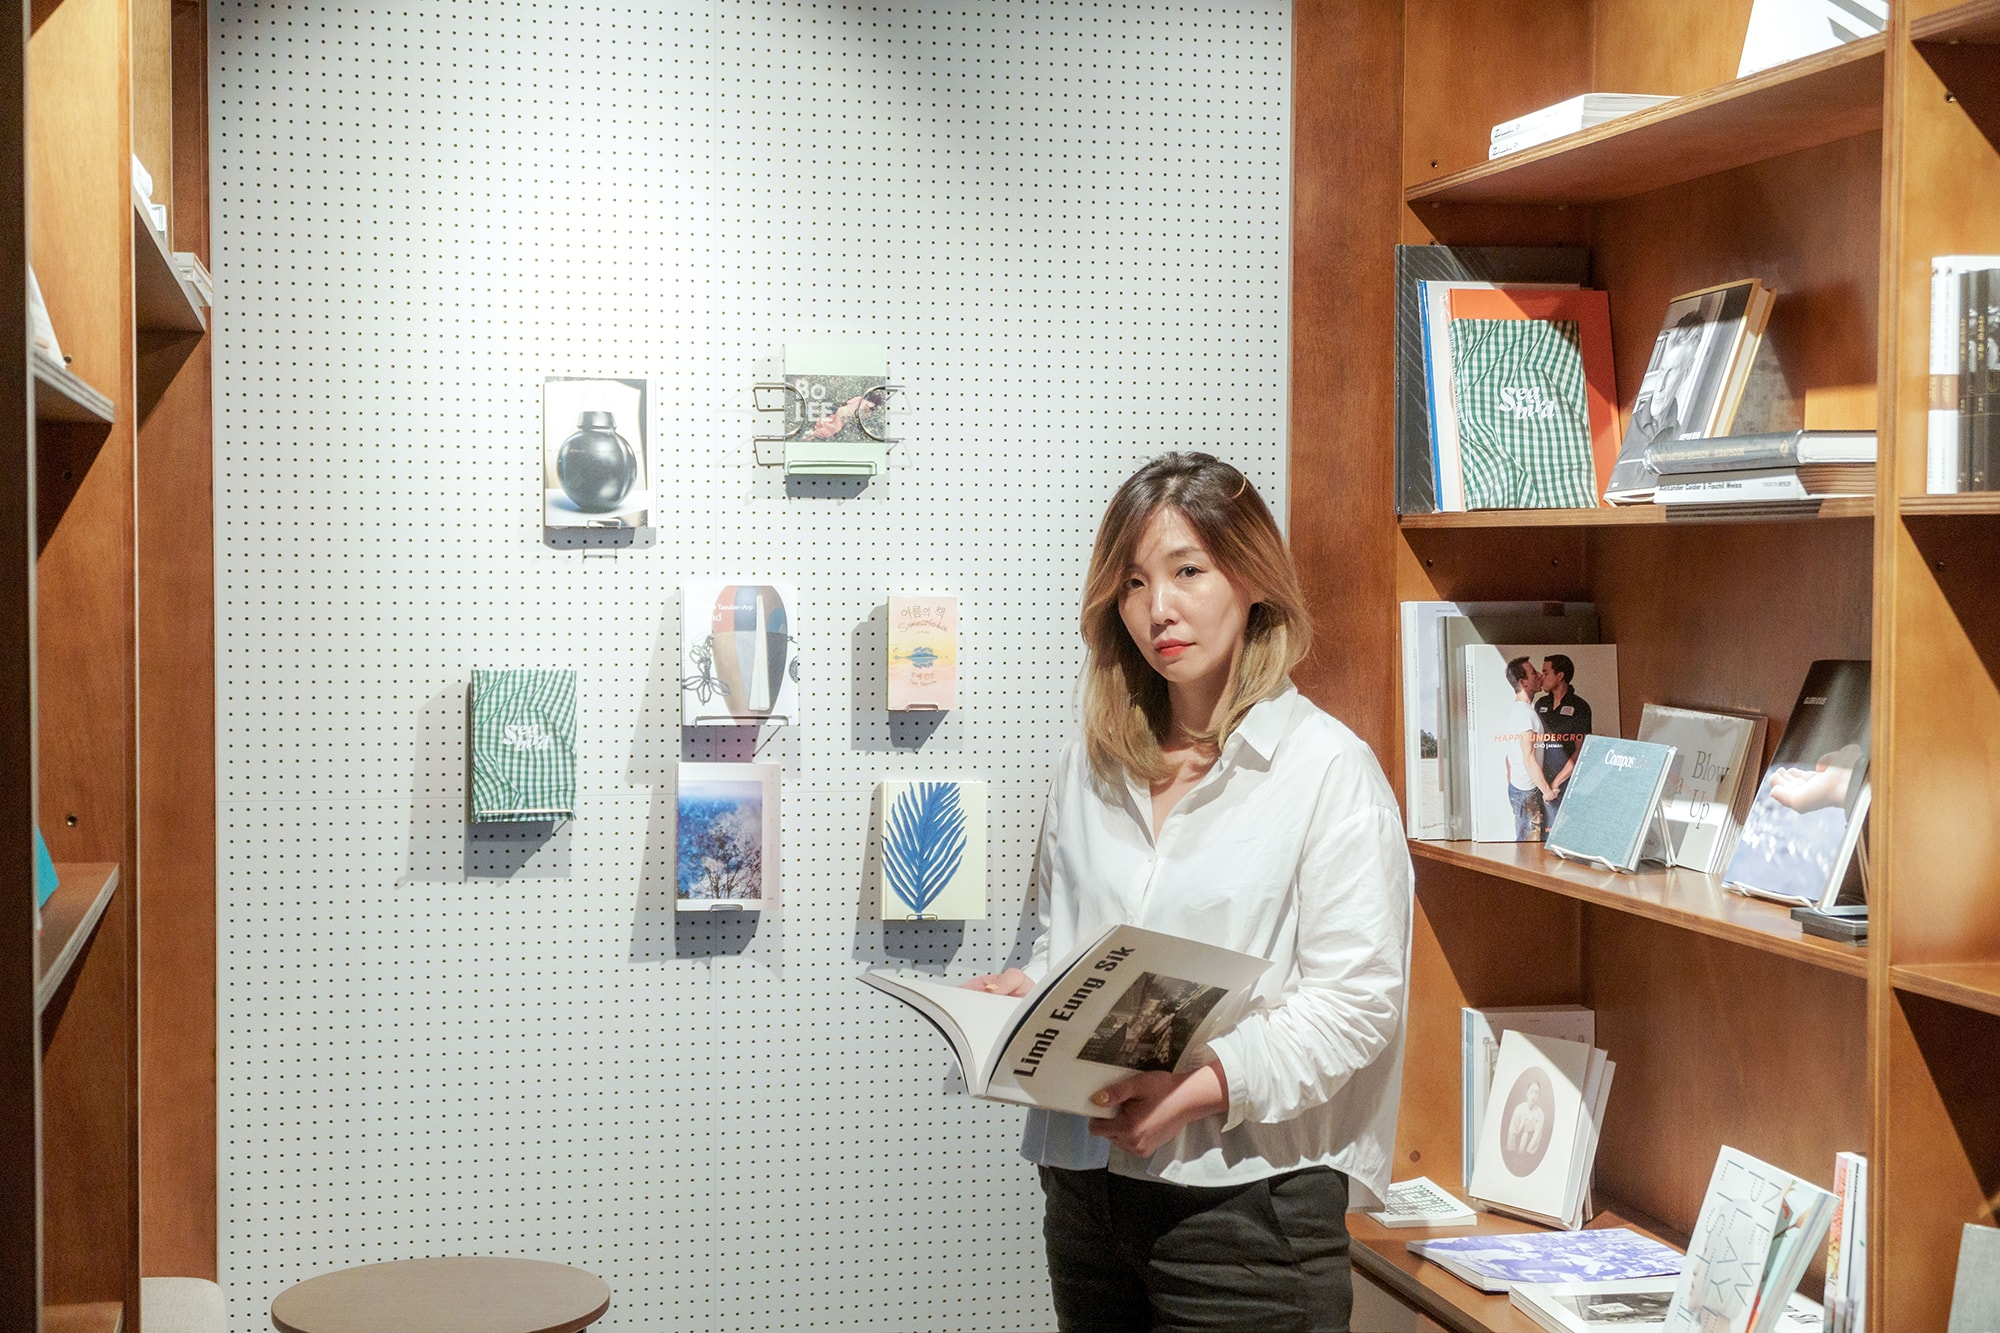 韓流は写真界にも!アジアのアートプラットフォームを目指す「IANN」とは?   © Kim Eunchong